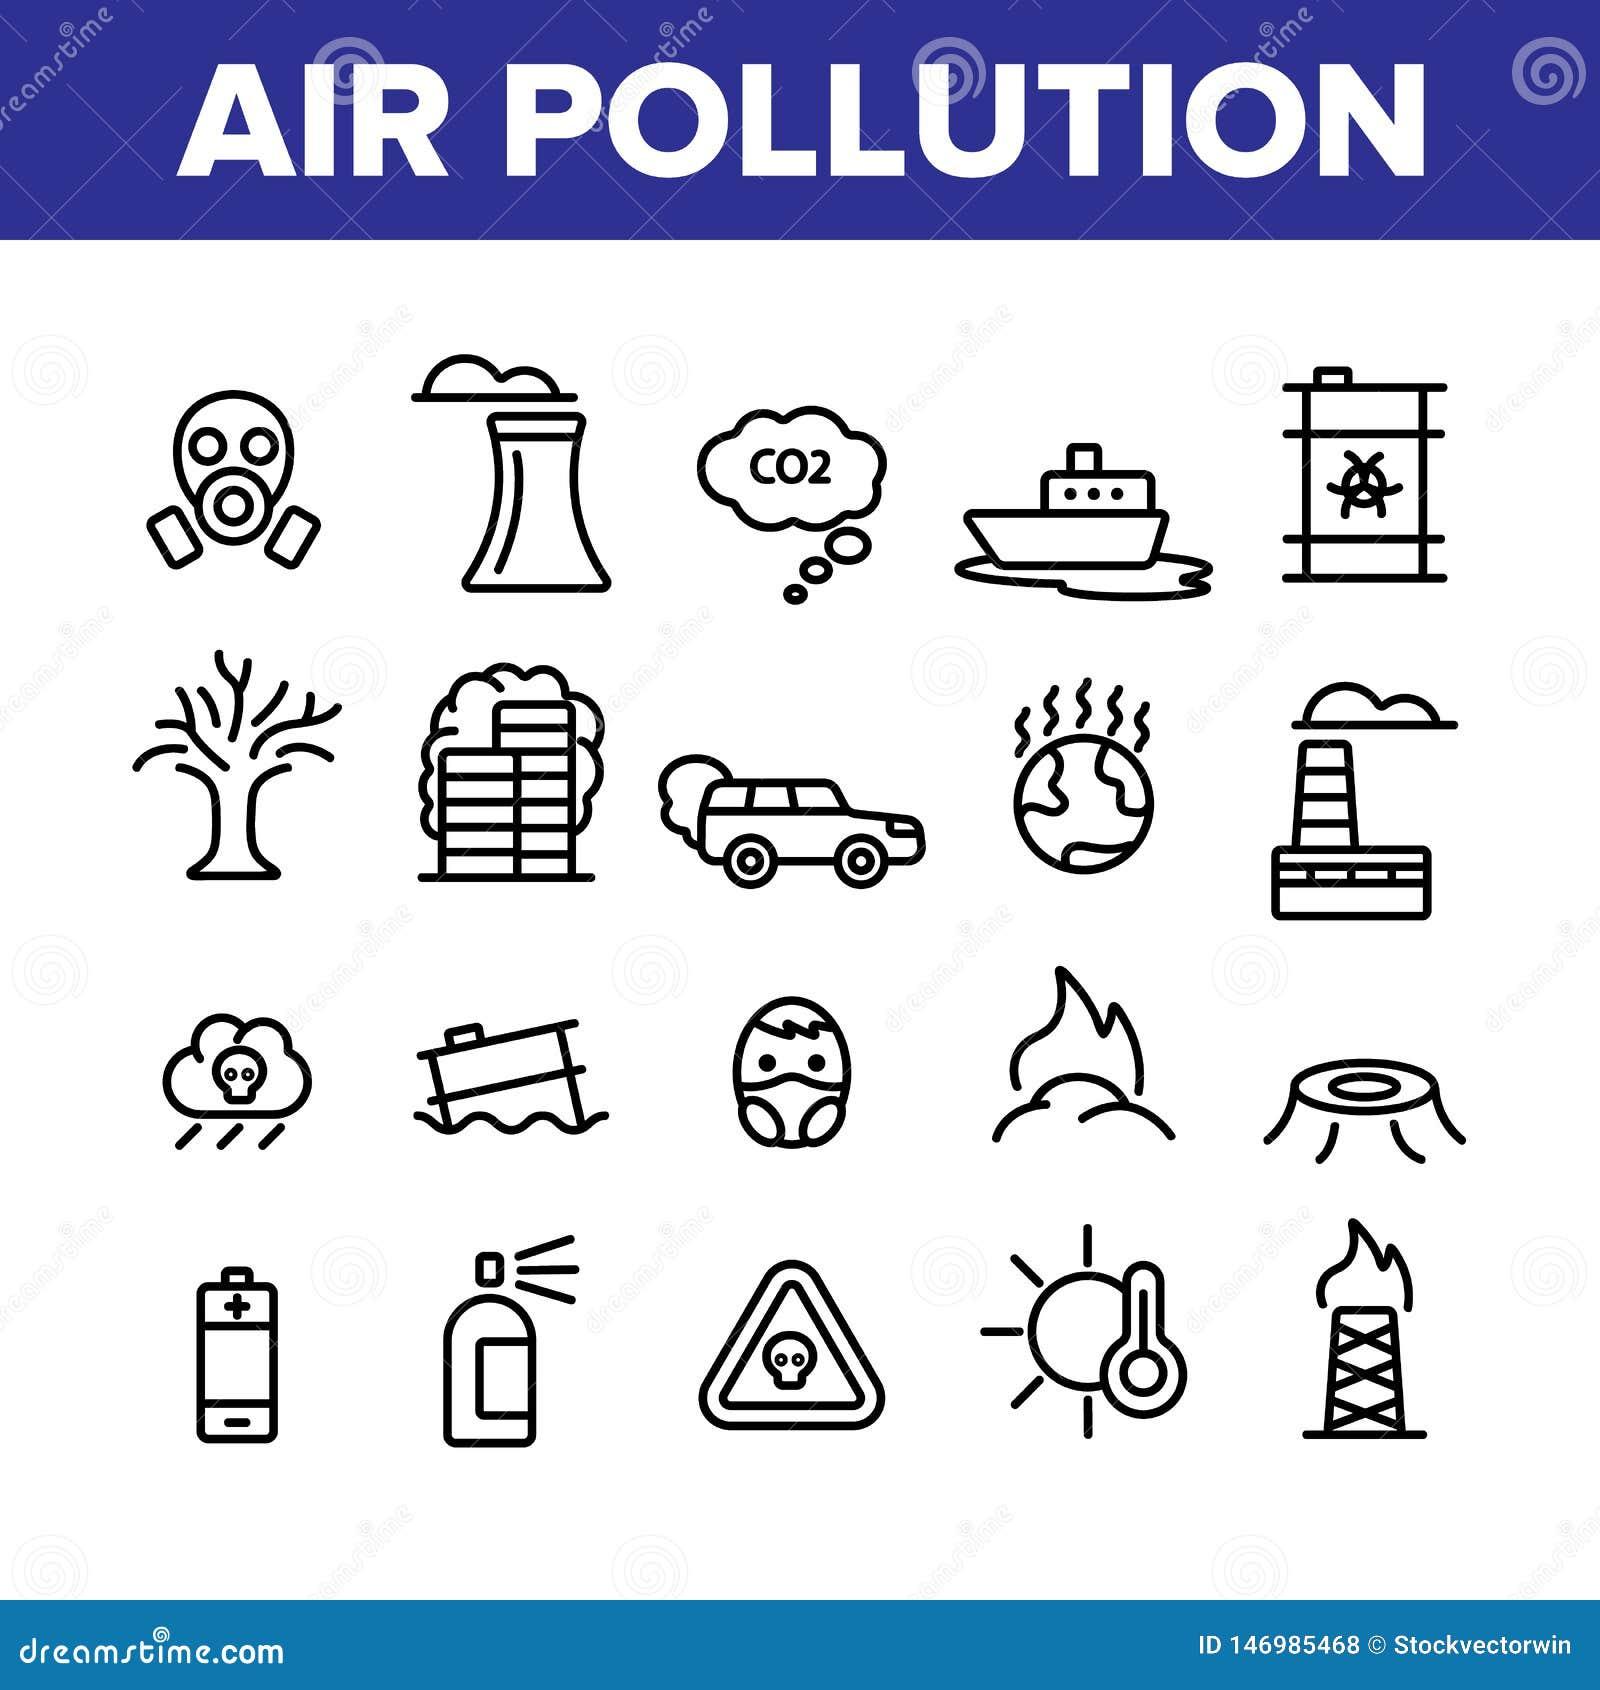 Klimaluftverschmutzungs-linearer Ikonen-Vektor-Satz